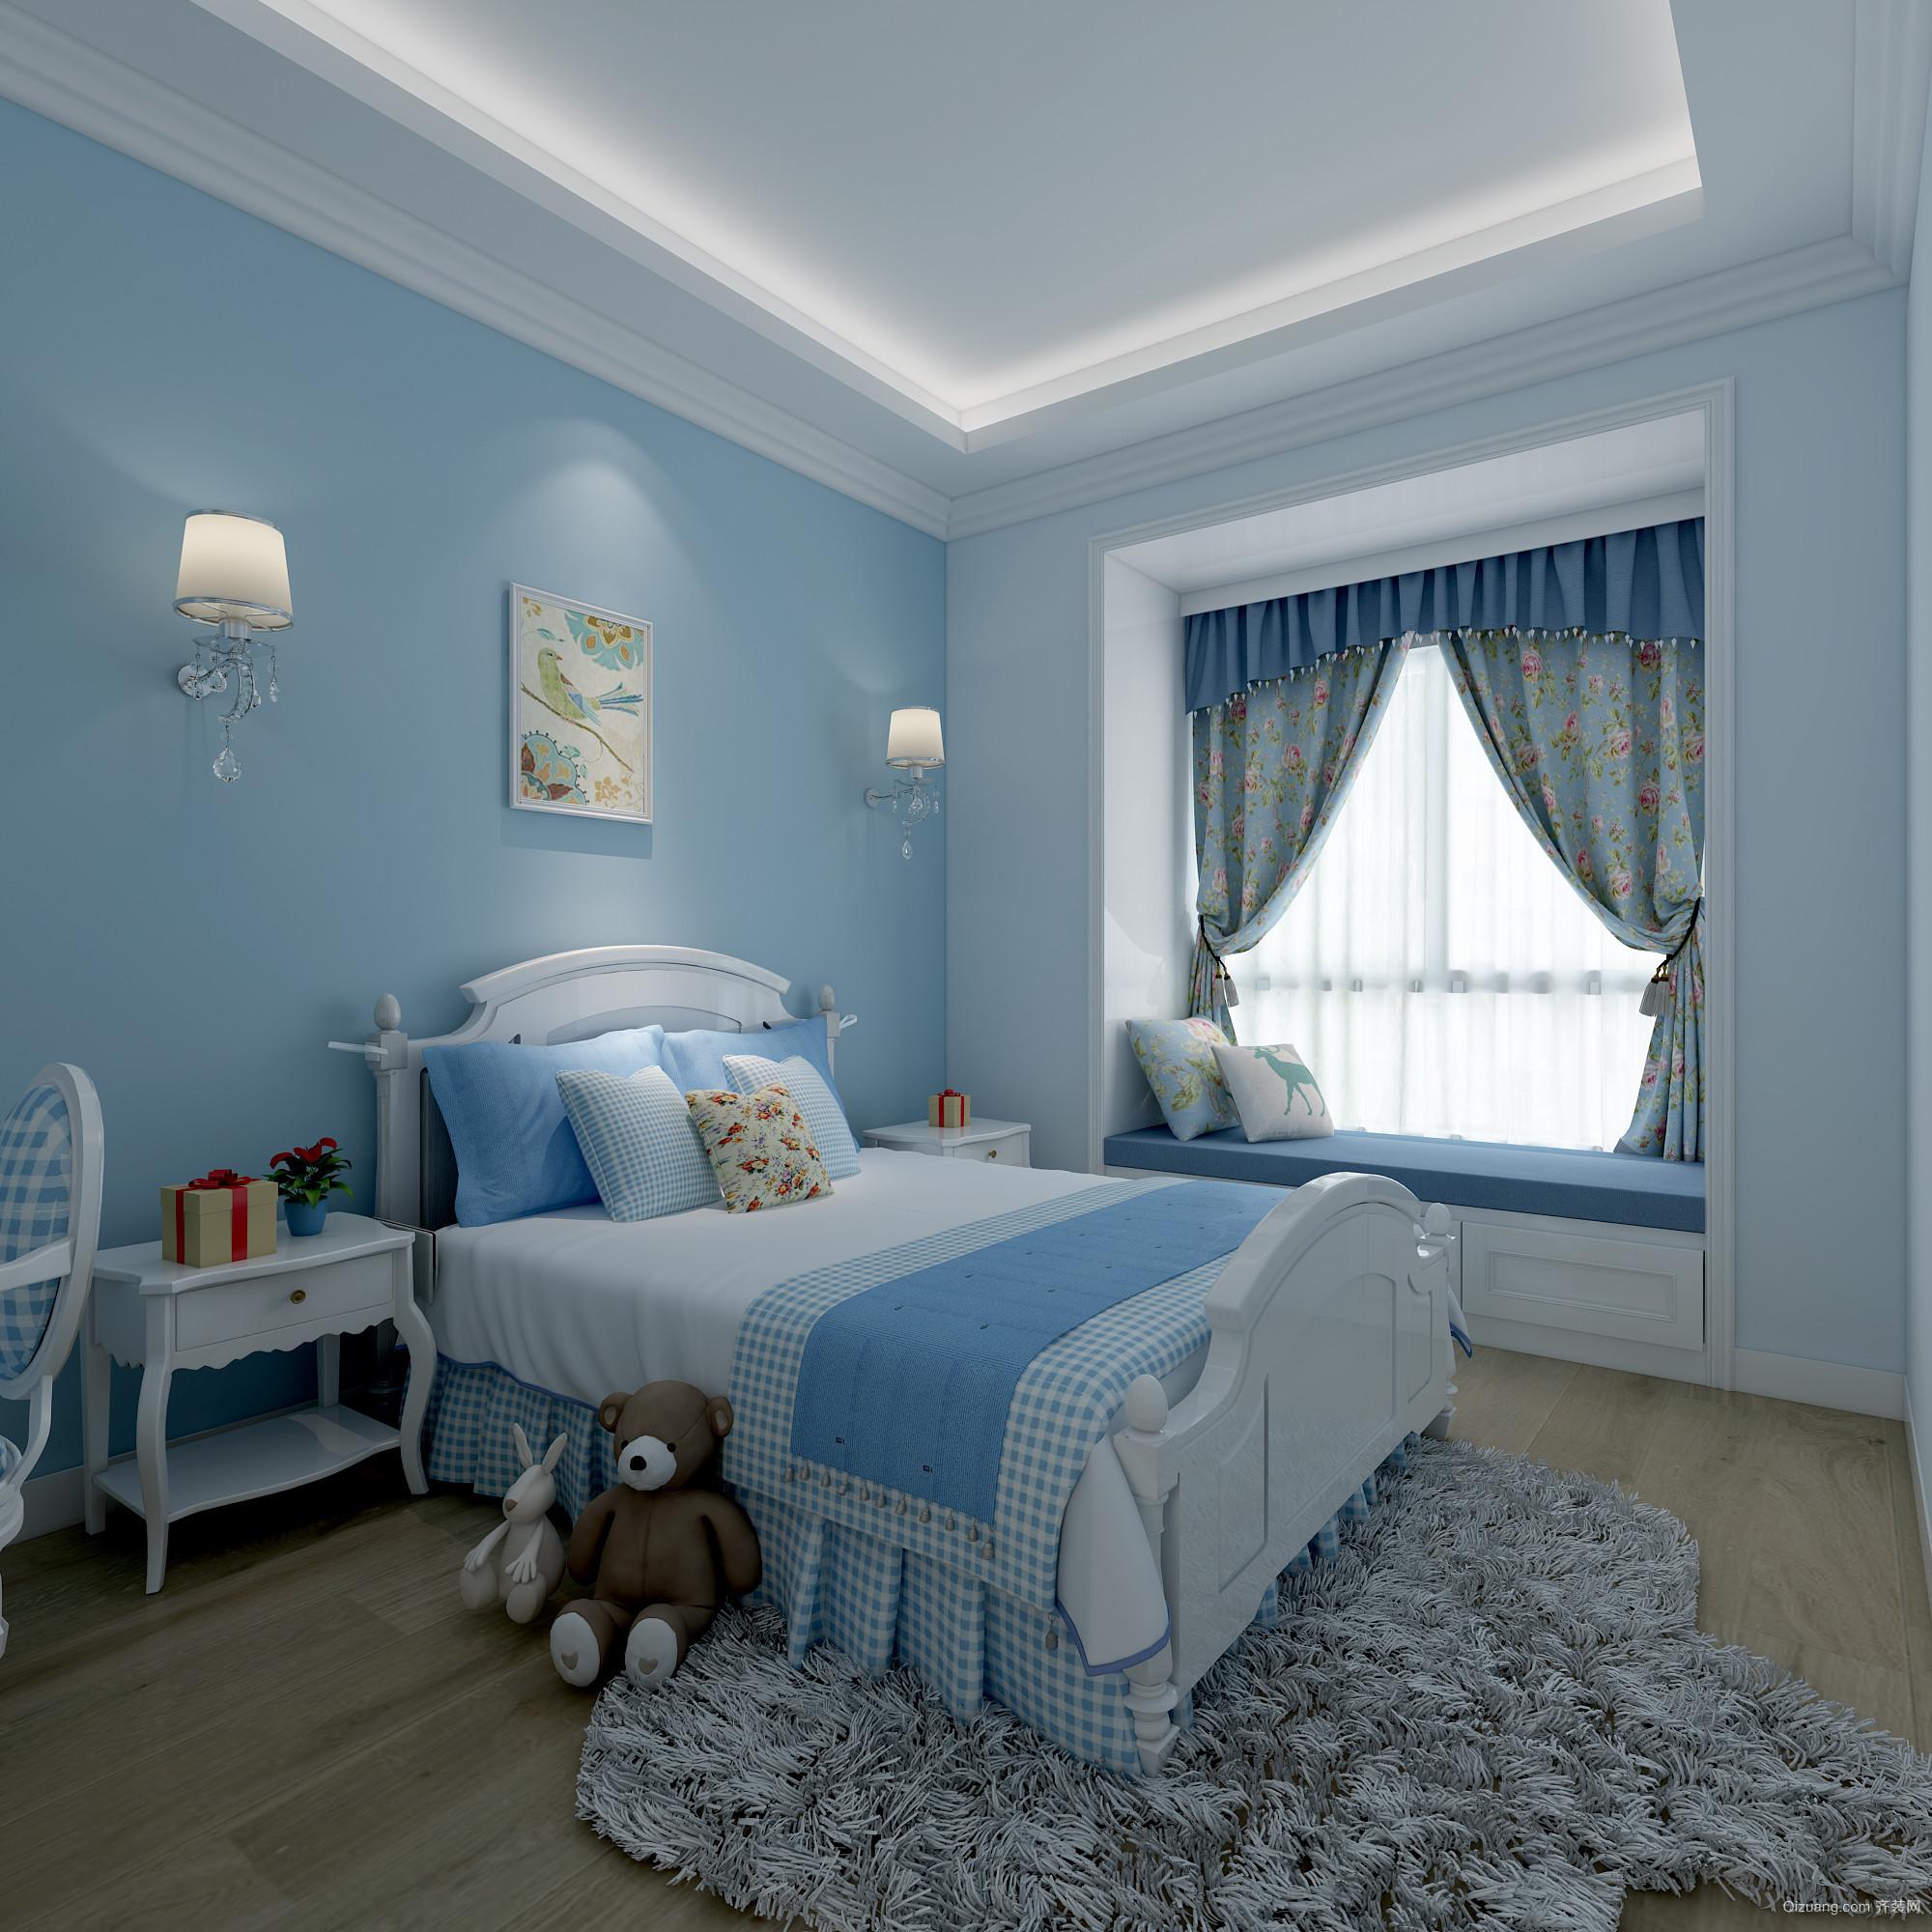 珠江帝景克莱公寓现代简约装修效果图实景图